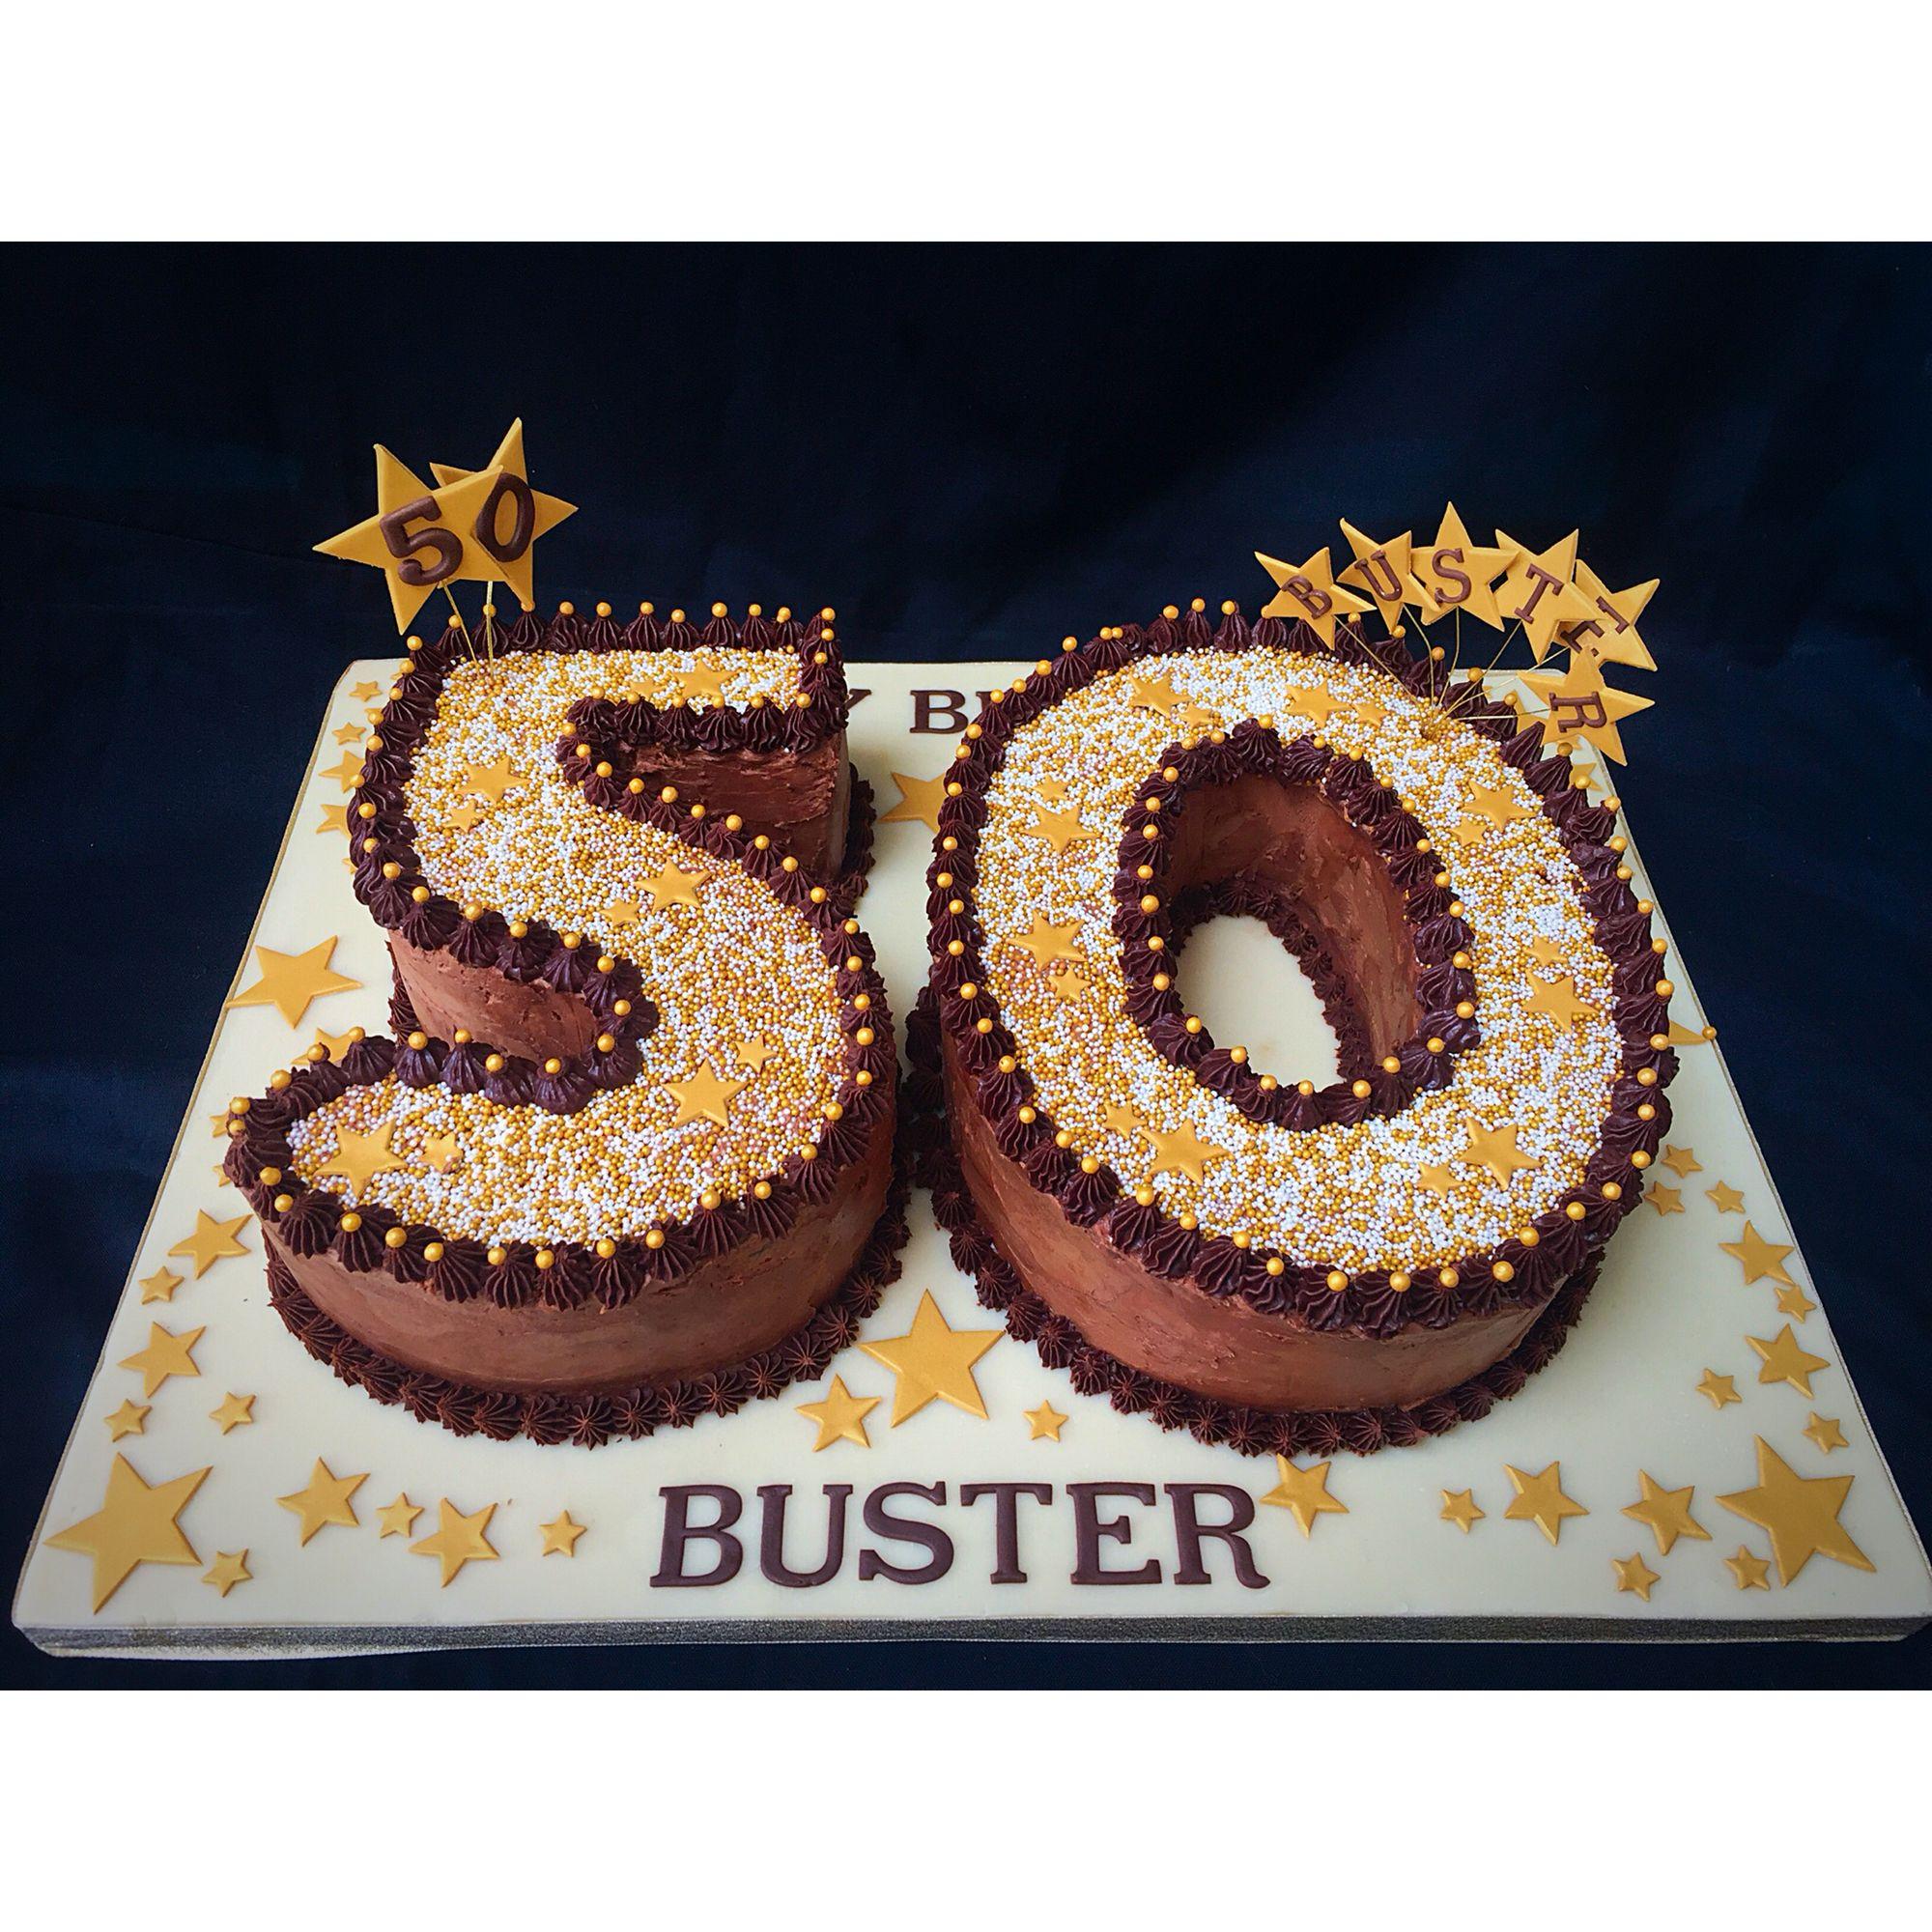 50th birthday cake Chocolate fudge cake with chocolate